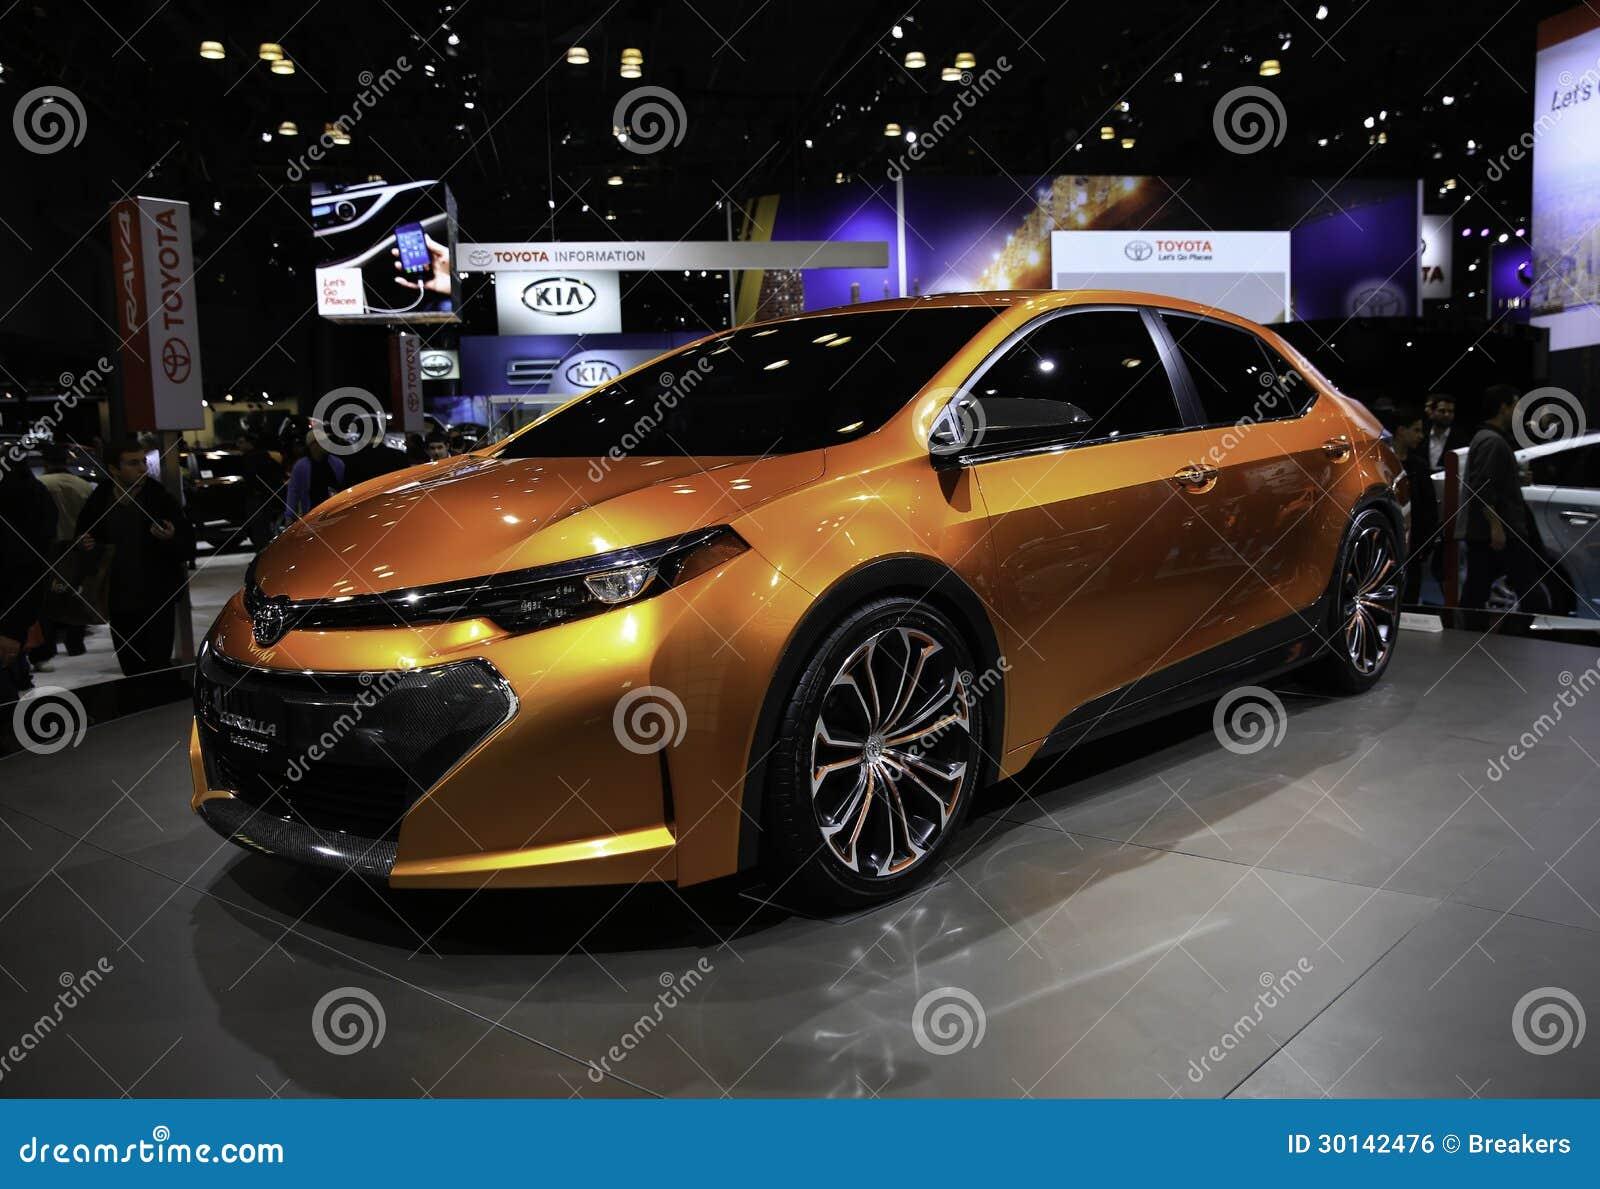 2014 het Concept van Toyota Corolla Furia dat bij wordt gedemonstreerd